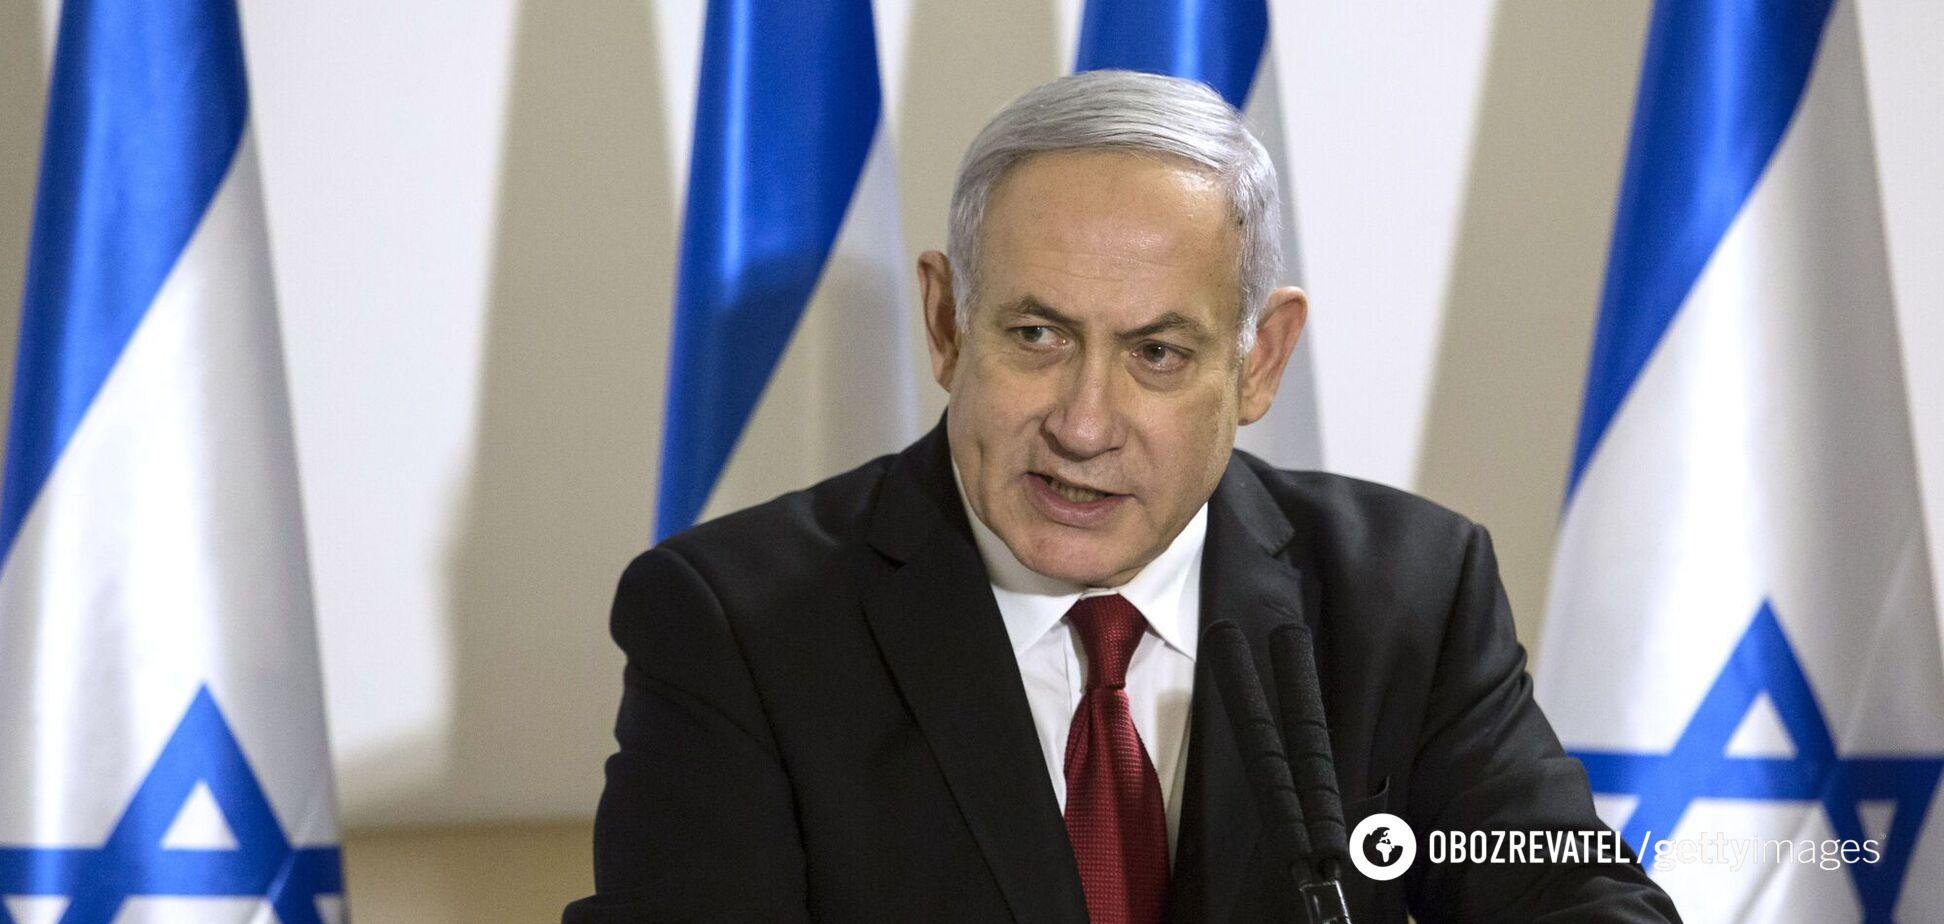 Нетаньяху выступил с обращением к израильтянам